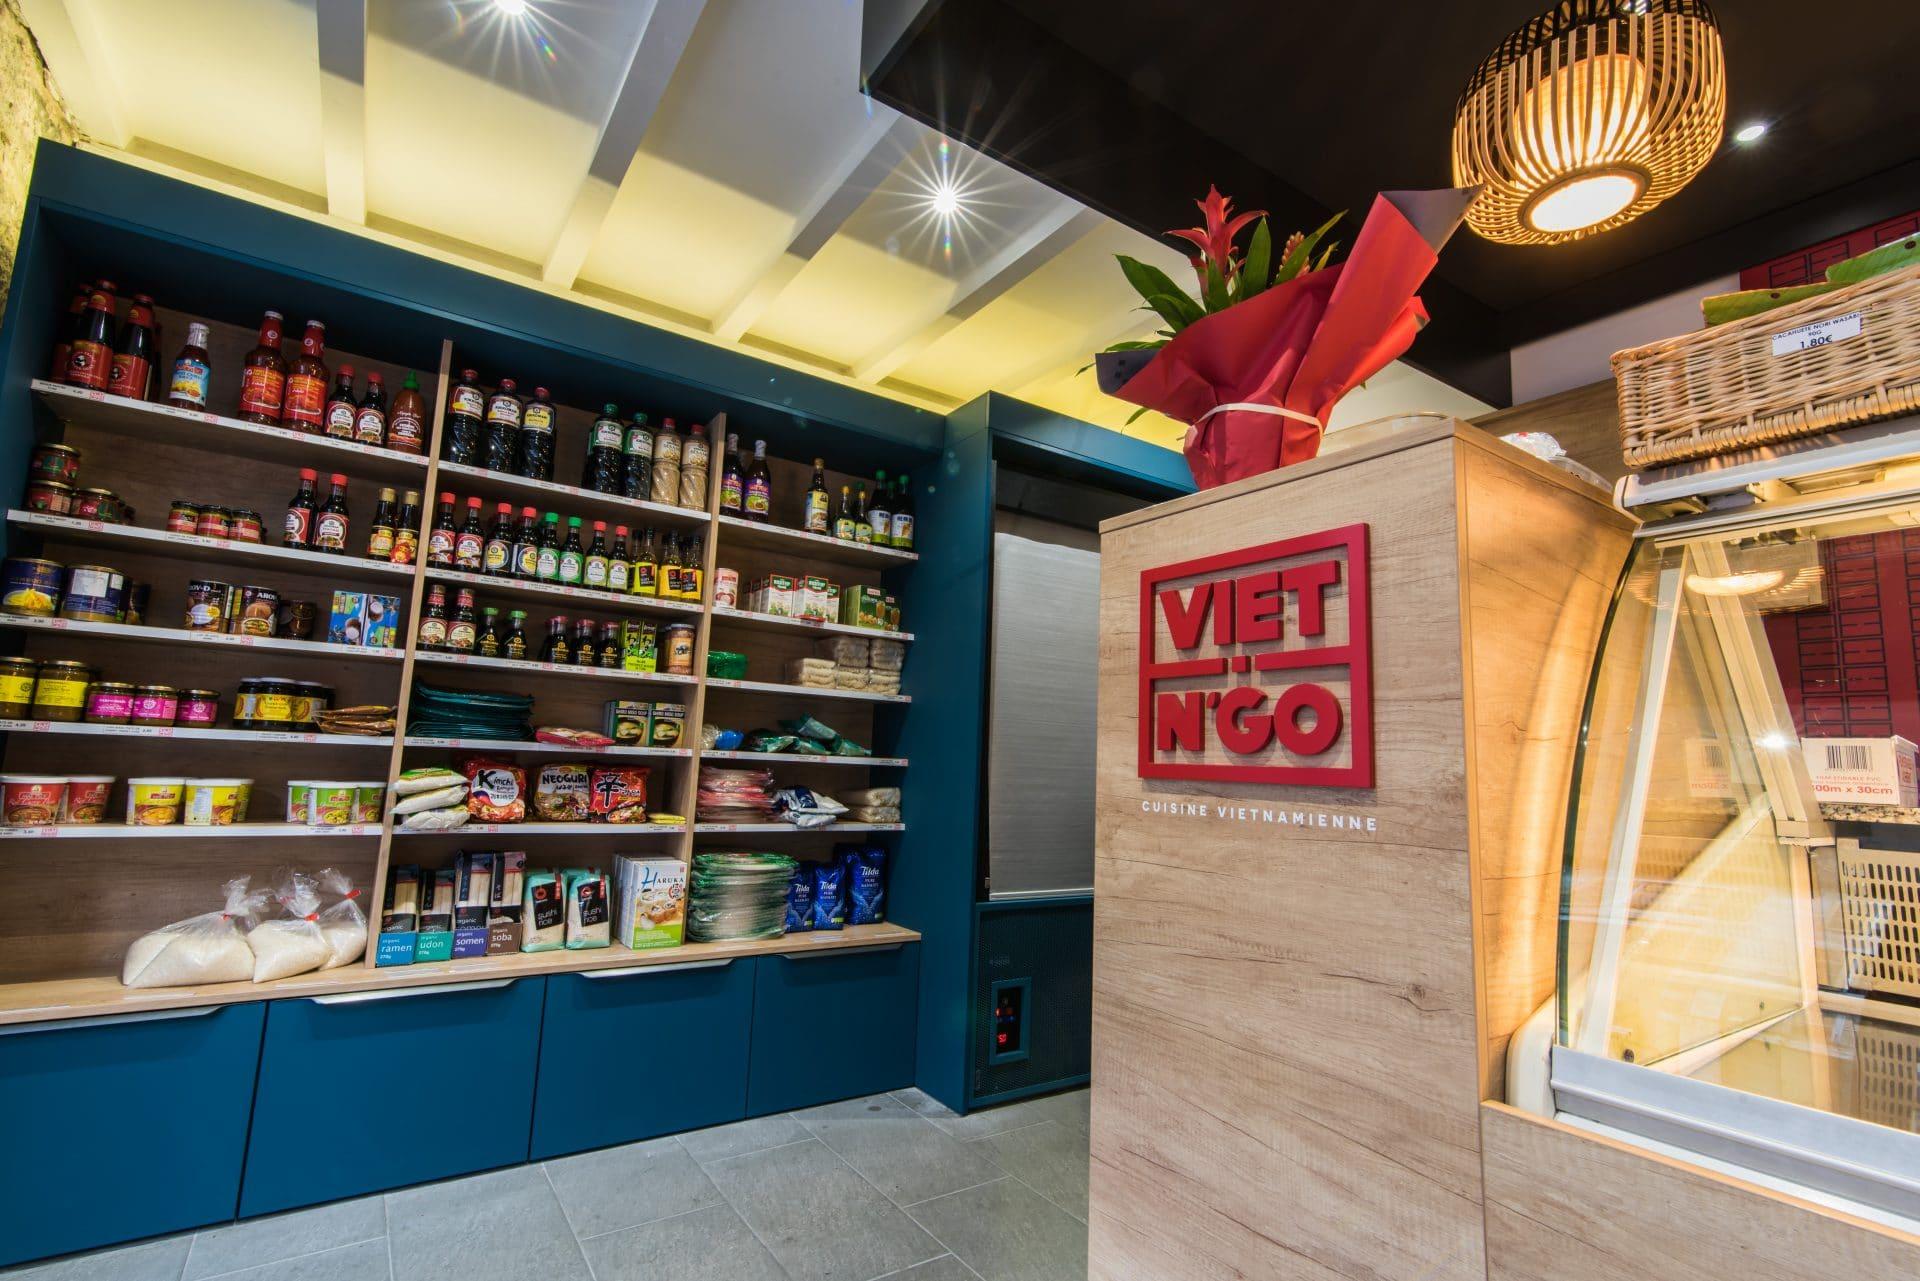 Rénovation d'un restaurant asiatique à Grenoble (38)